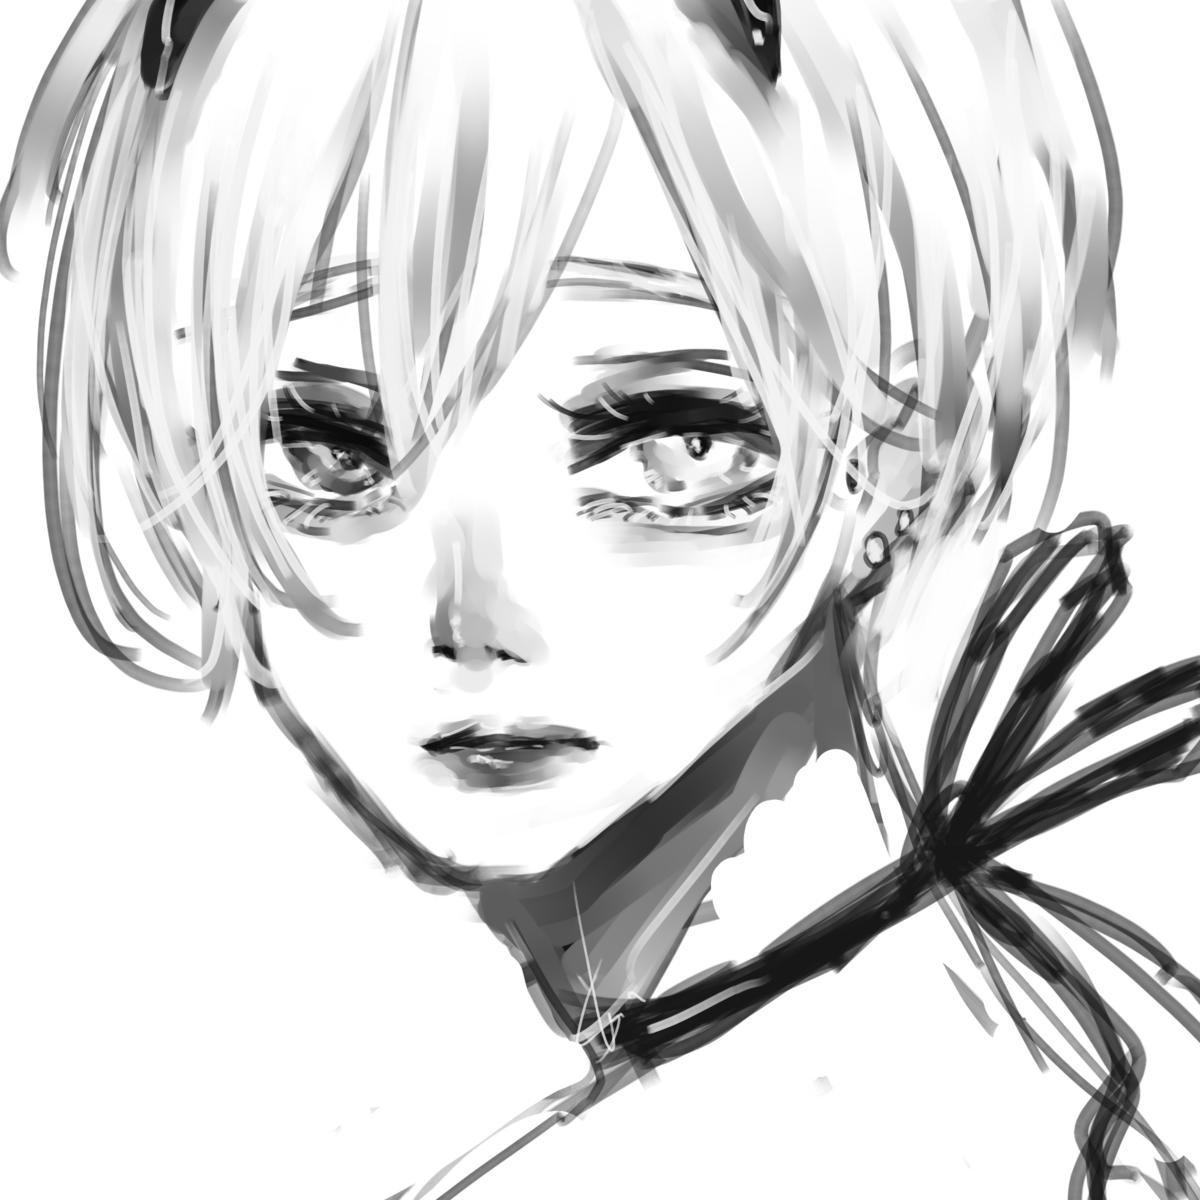 f:id:harucu_te:20210407215447p:plain